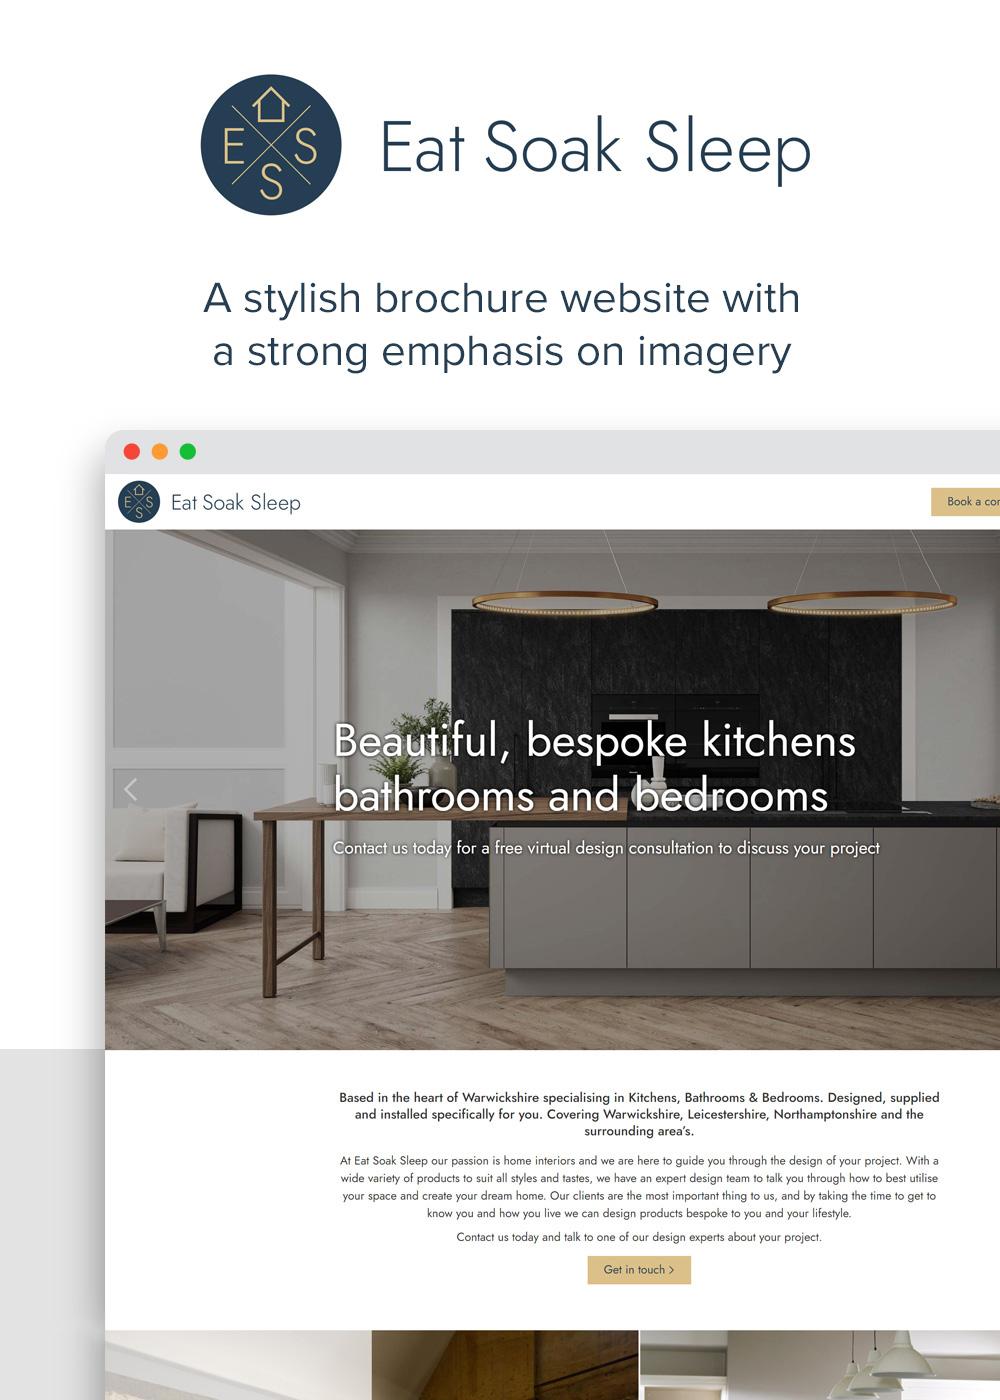 Website designed by Rugby Web Design Limited - Eat Soak Sleep